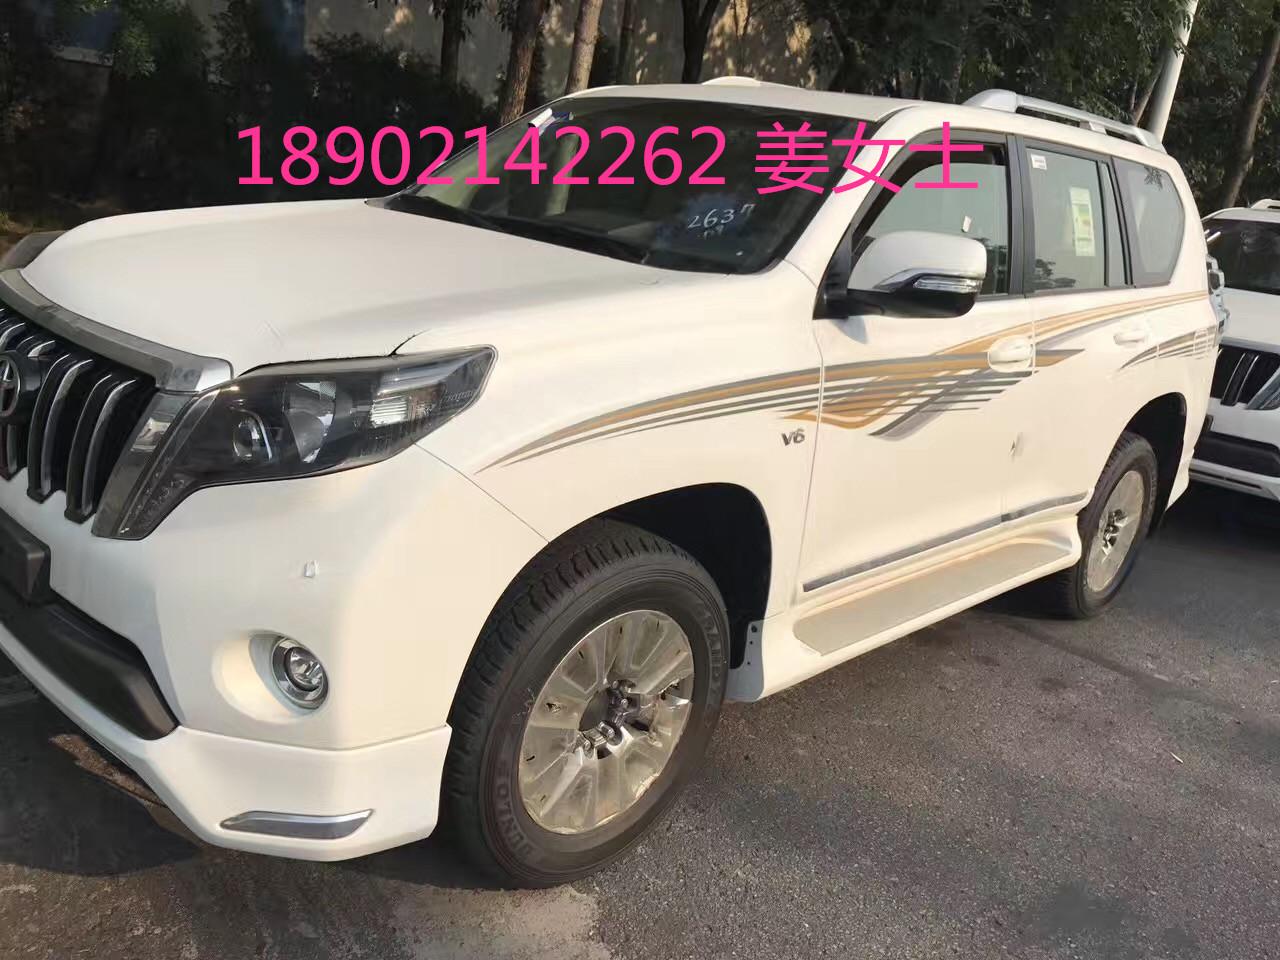 中东版17款丰田霸道4000exr天津港最低价格多少